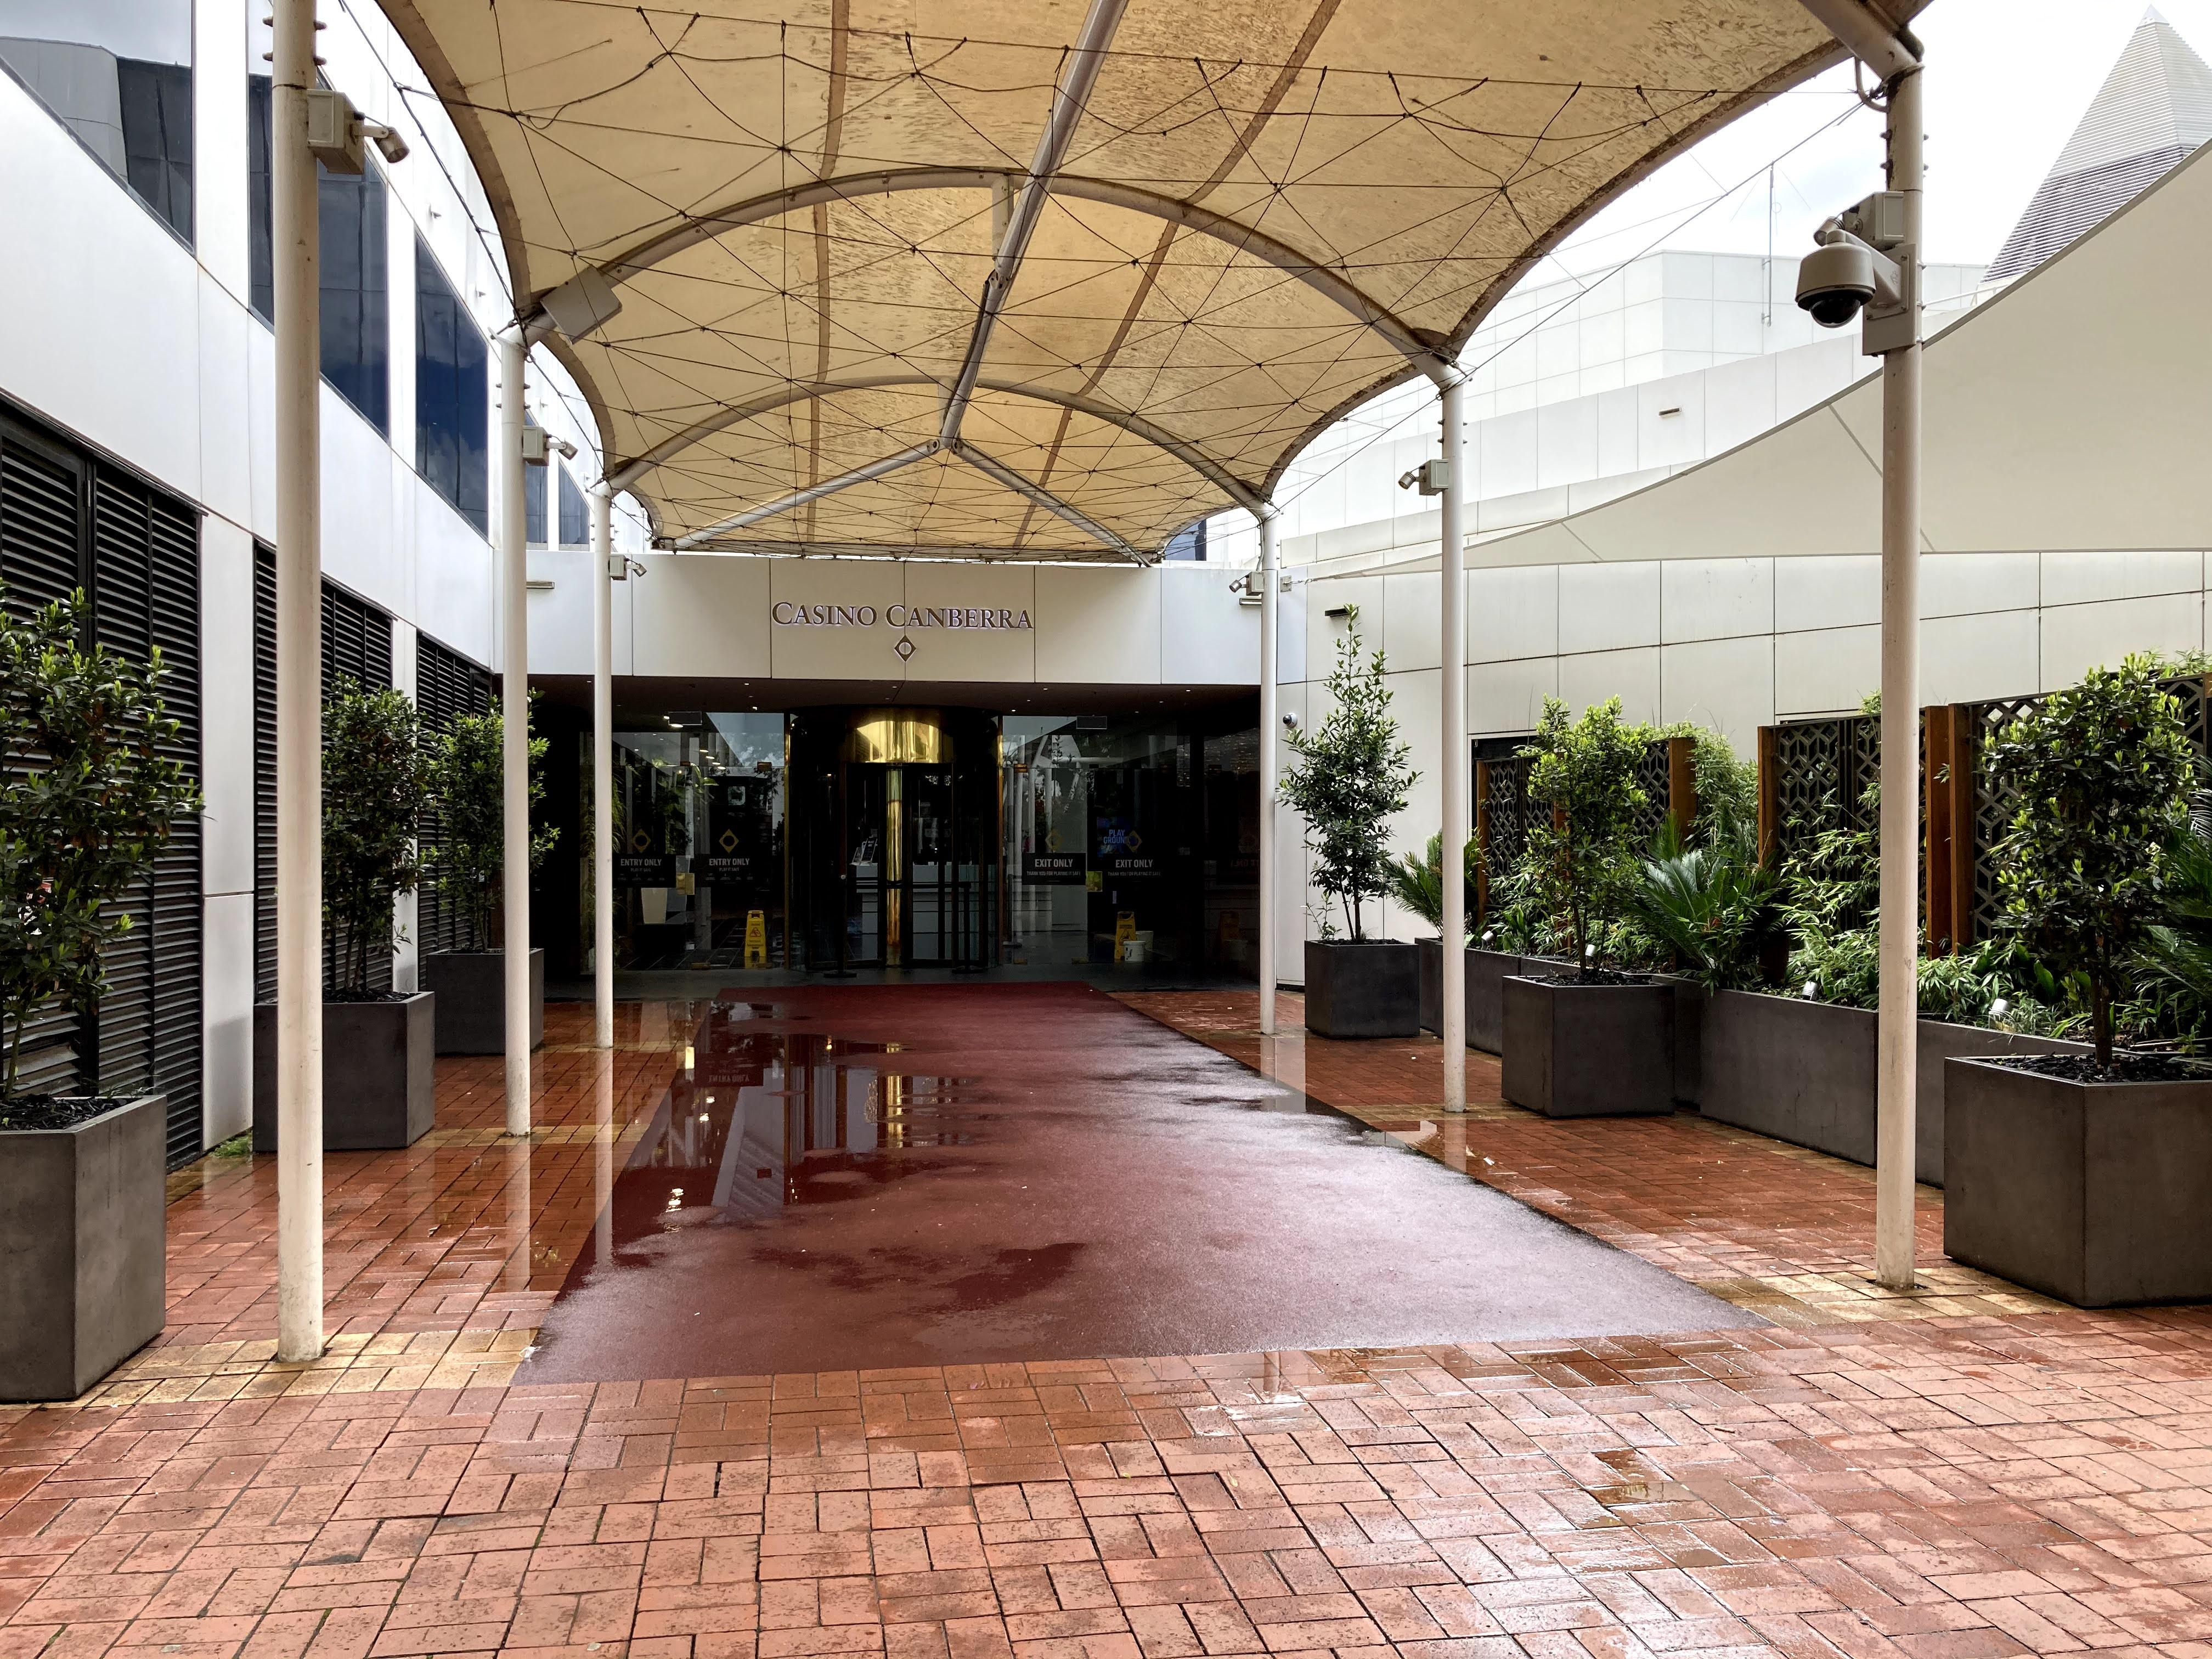 Casino Canberra - Wikipedia